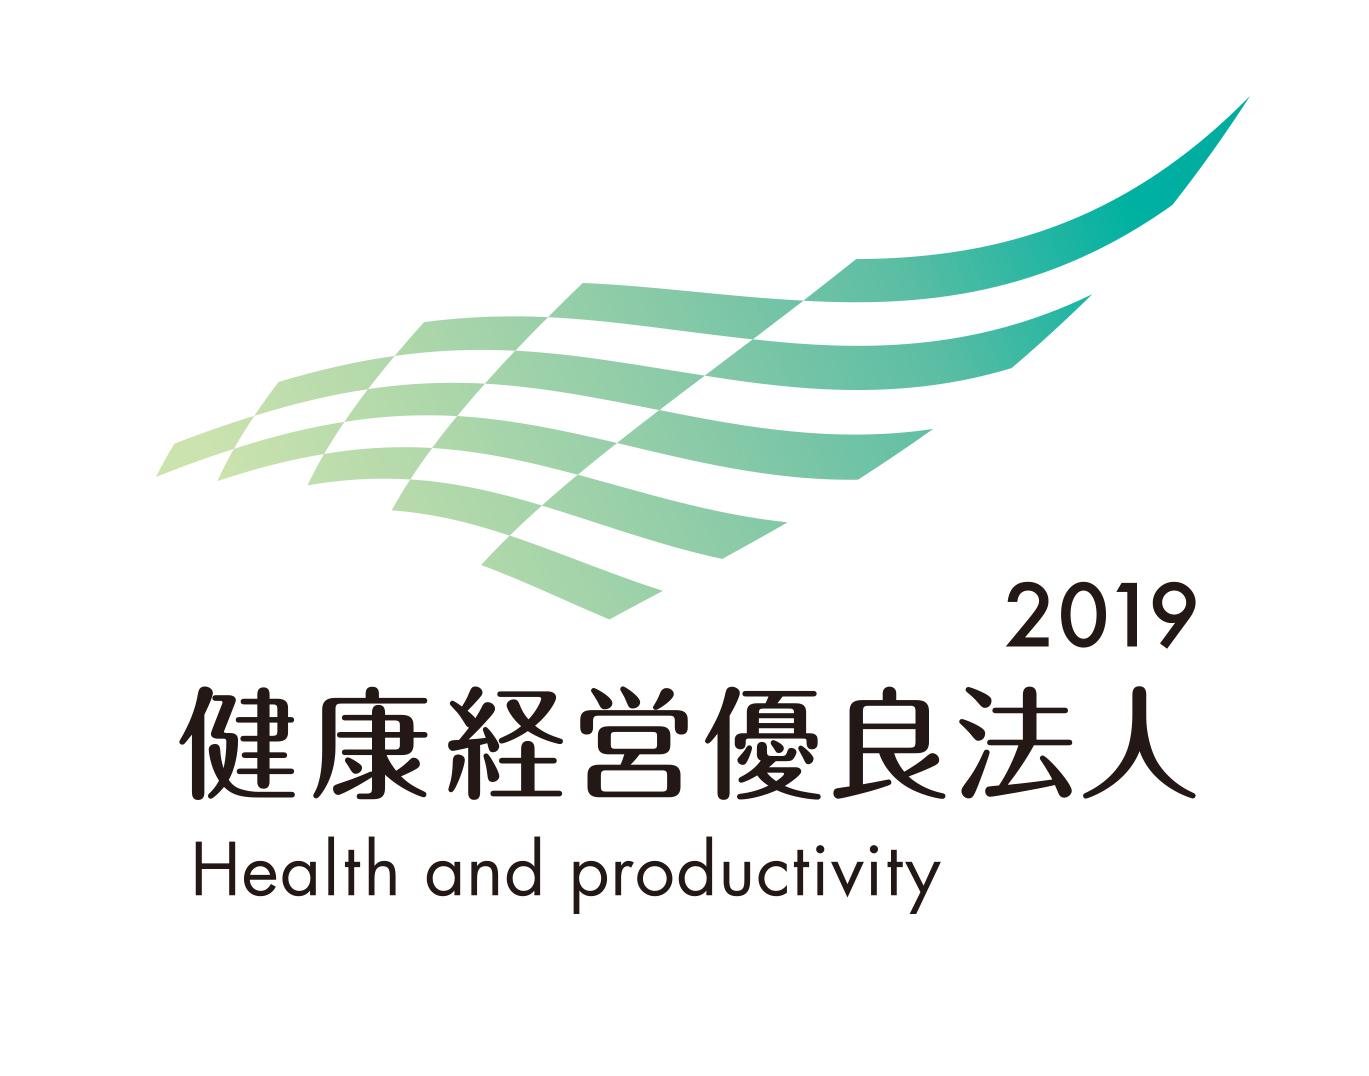 健康経営有料法人2019